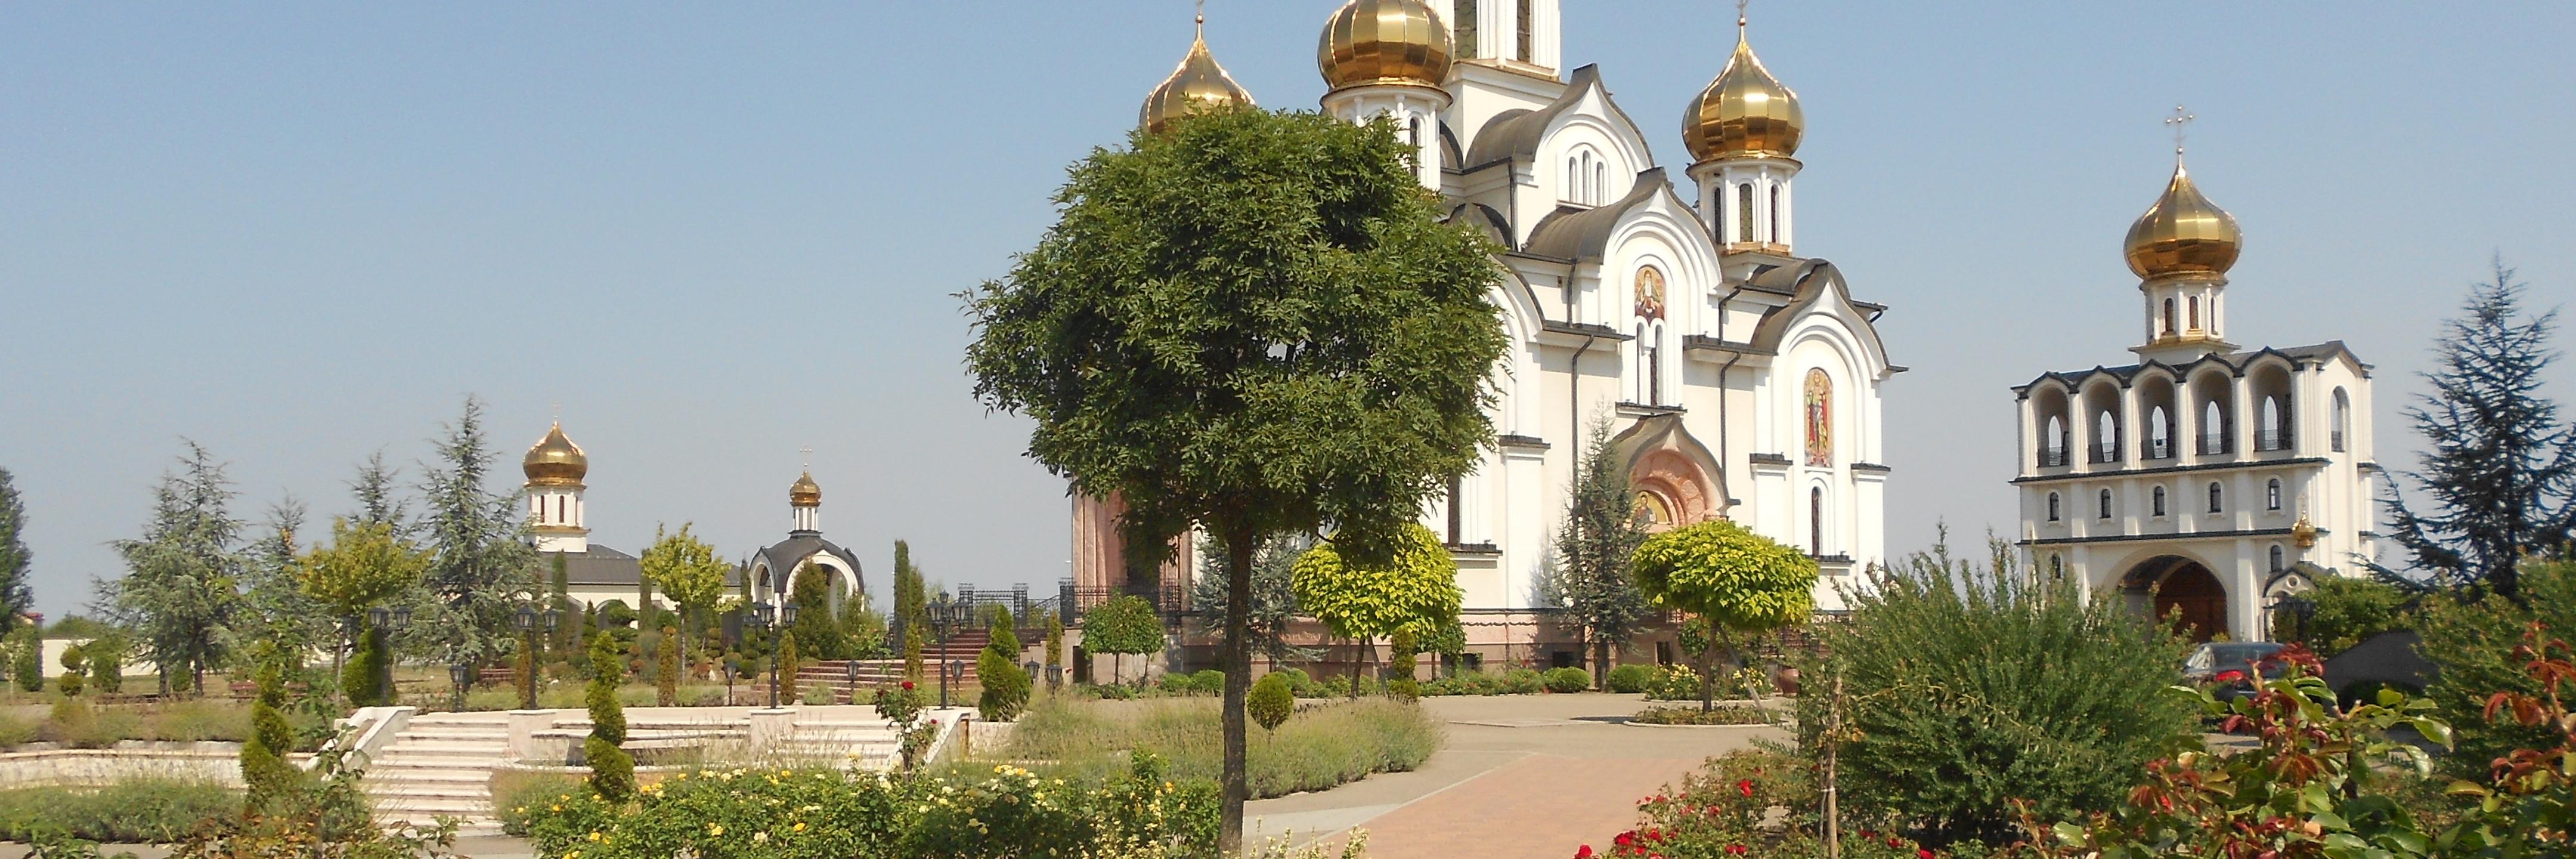 Монастырь св. Петки